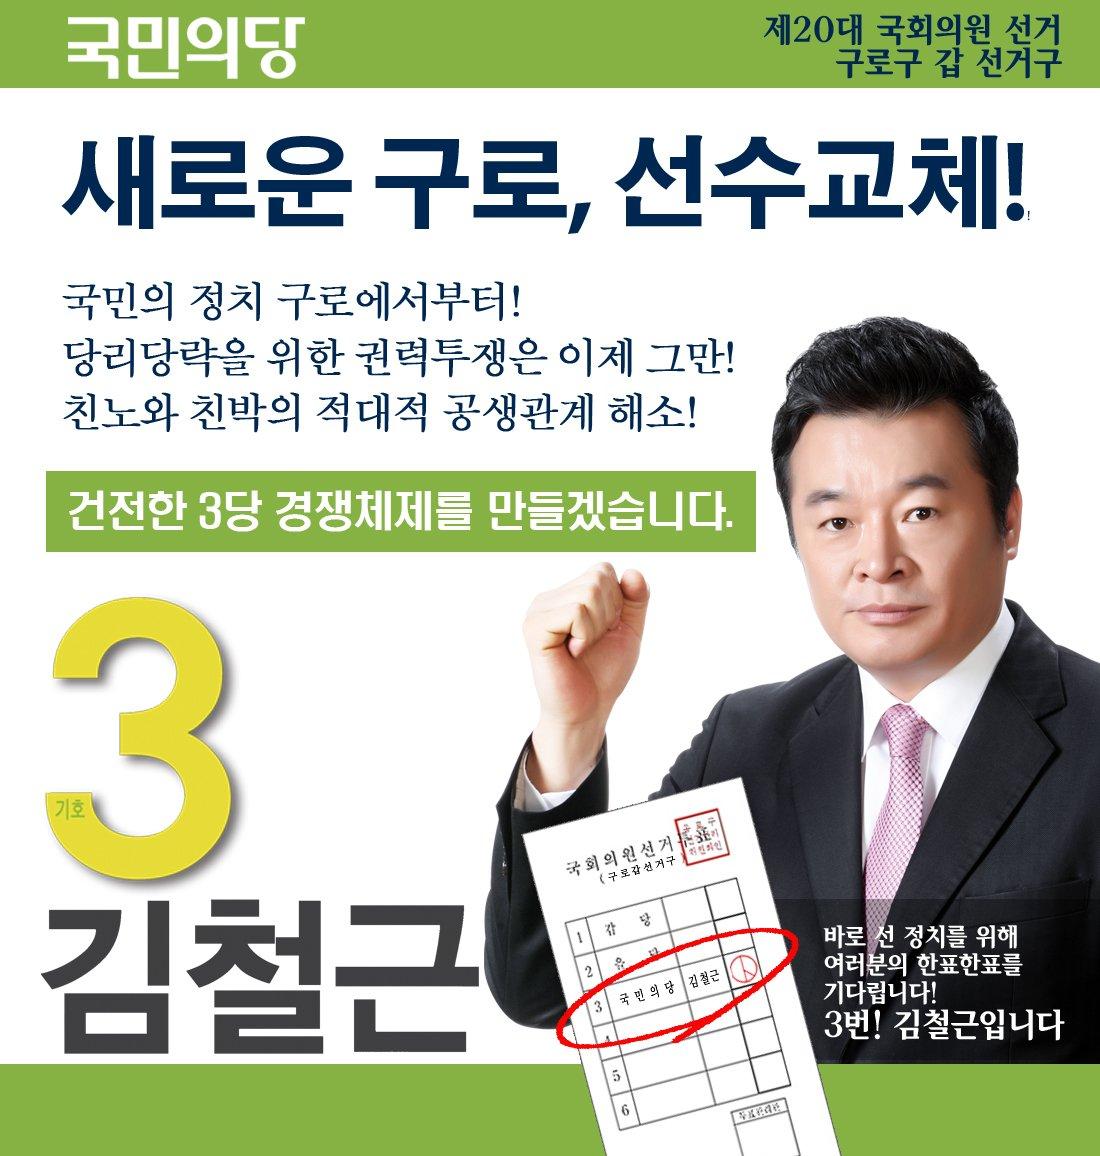 새로운 구로, 선수교체! 바로 선 정치를 위해 2016년 4월 13일 !  3번 김철근을 찍어주십시오!!! https://t.co/LO7pXD0Hlh